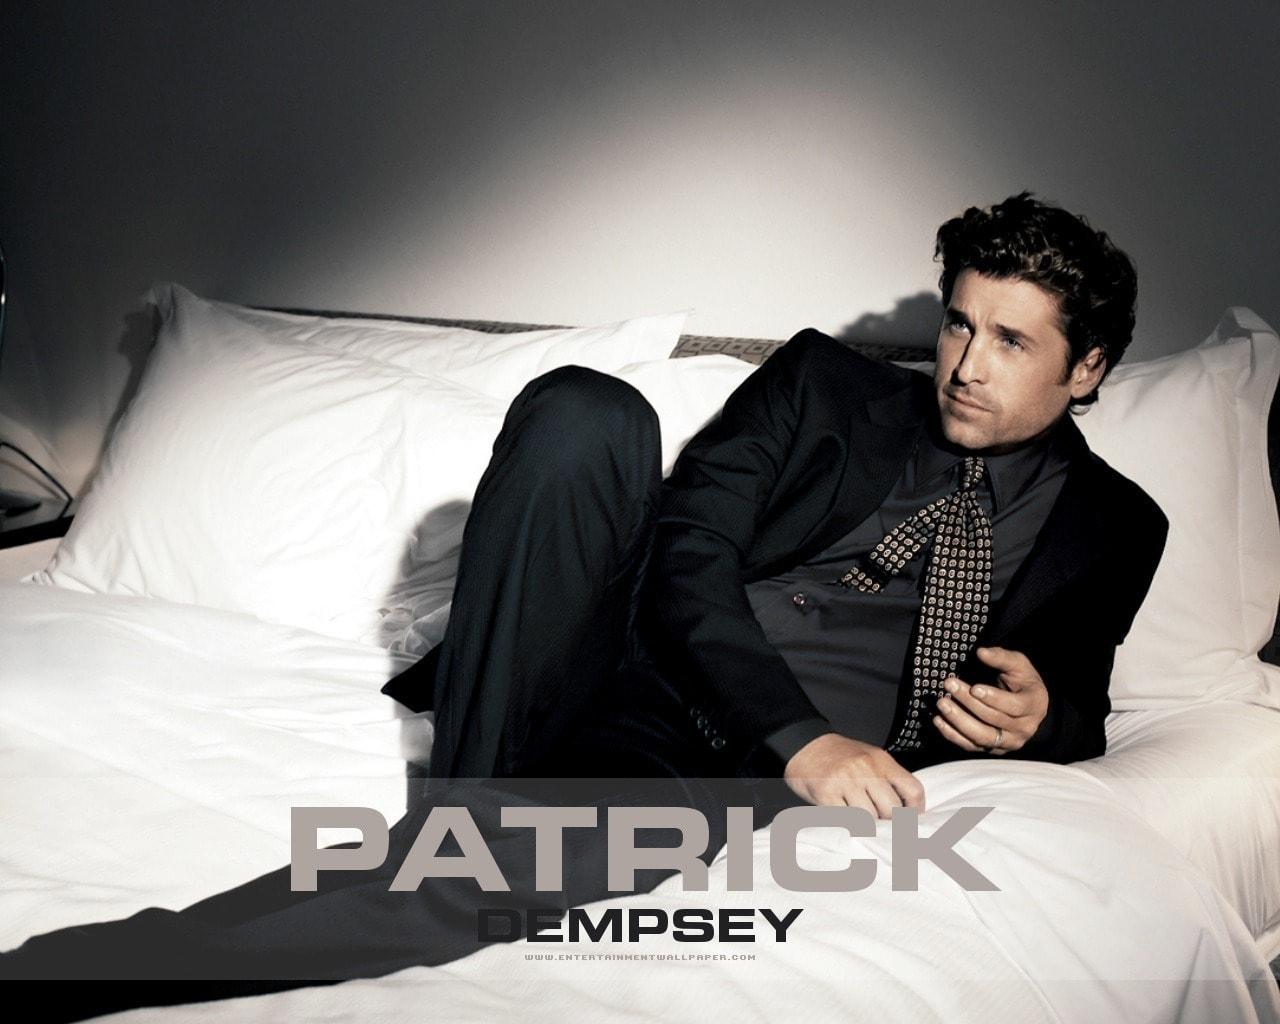 Patrick Dempsey Backgrounds